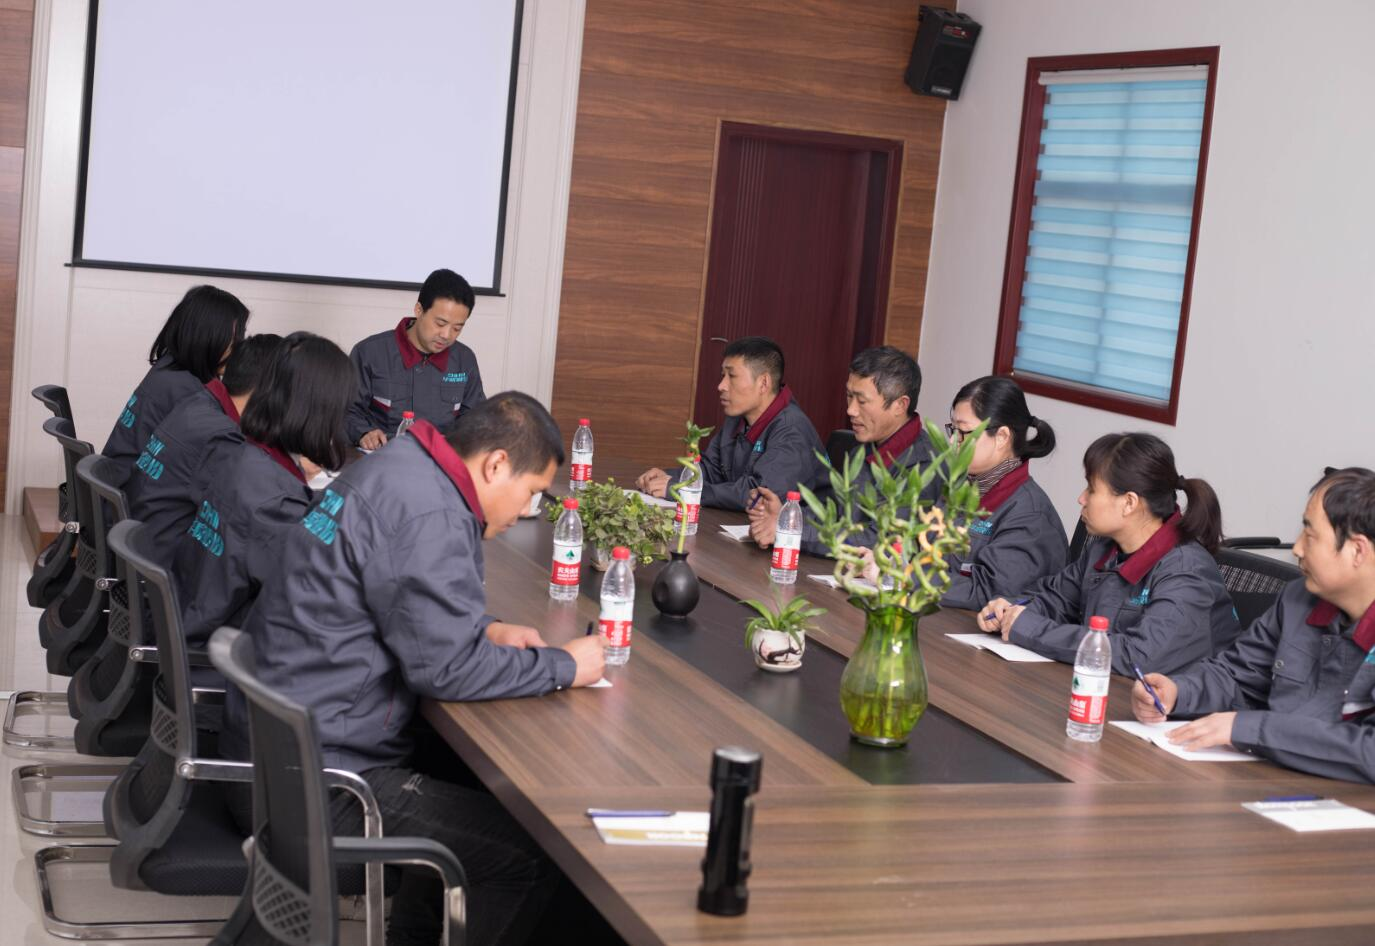 董事长与技术部门就新材料研发项目会议